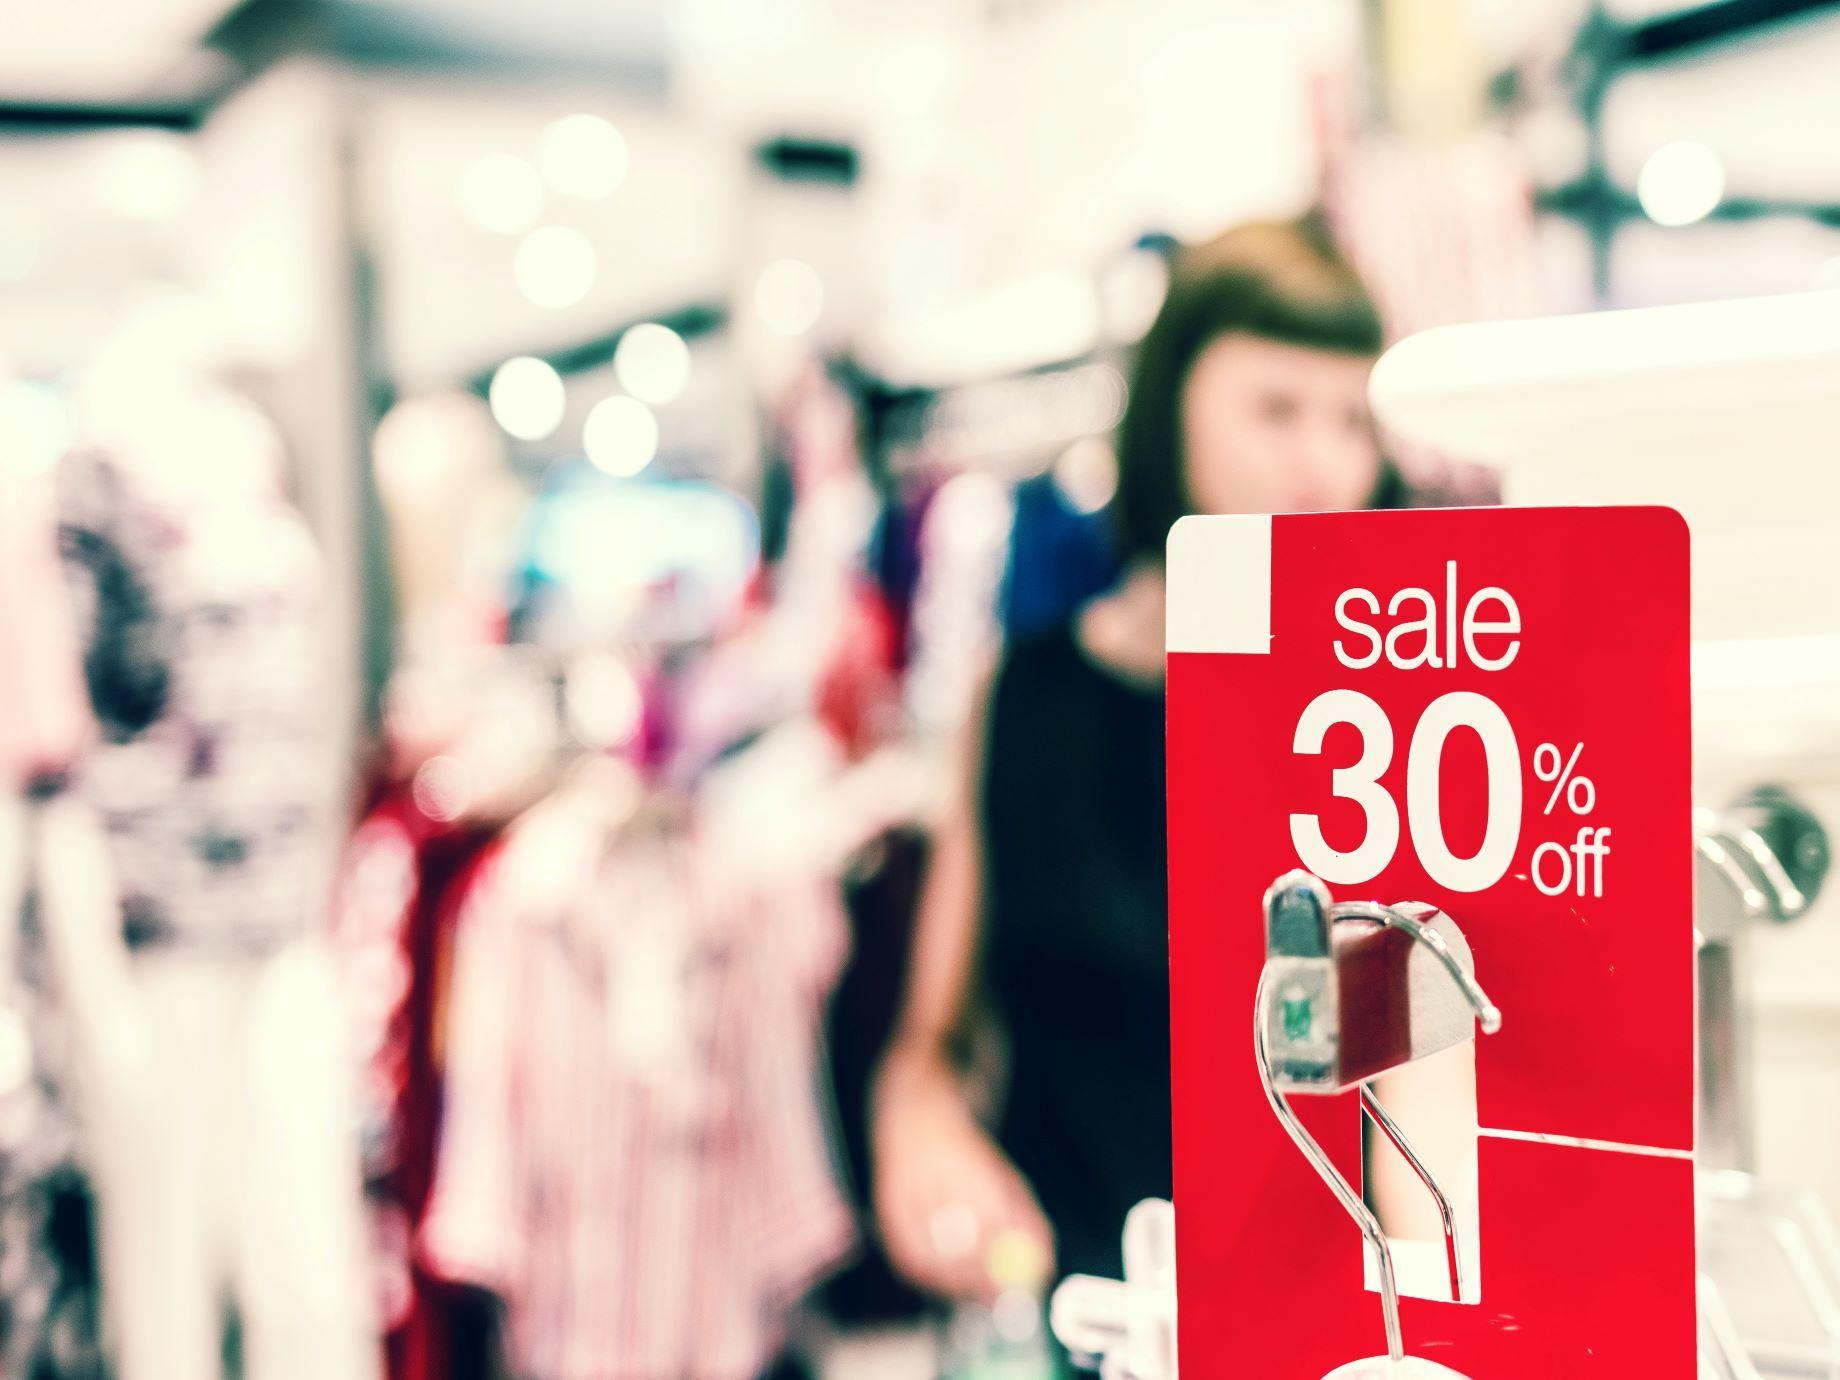 人對價格的判斷力比你想得還要低 掌握這項心理特性,光靠改變「標價」就讓商品大賣!